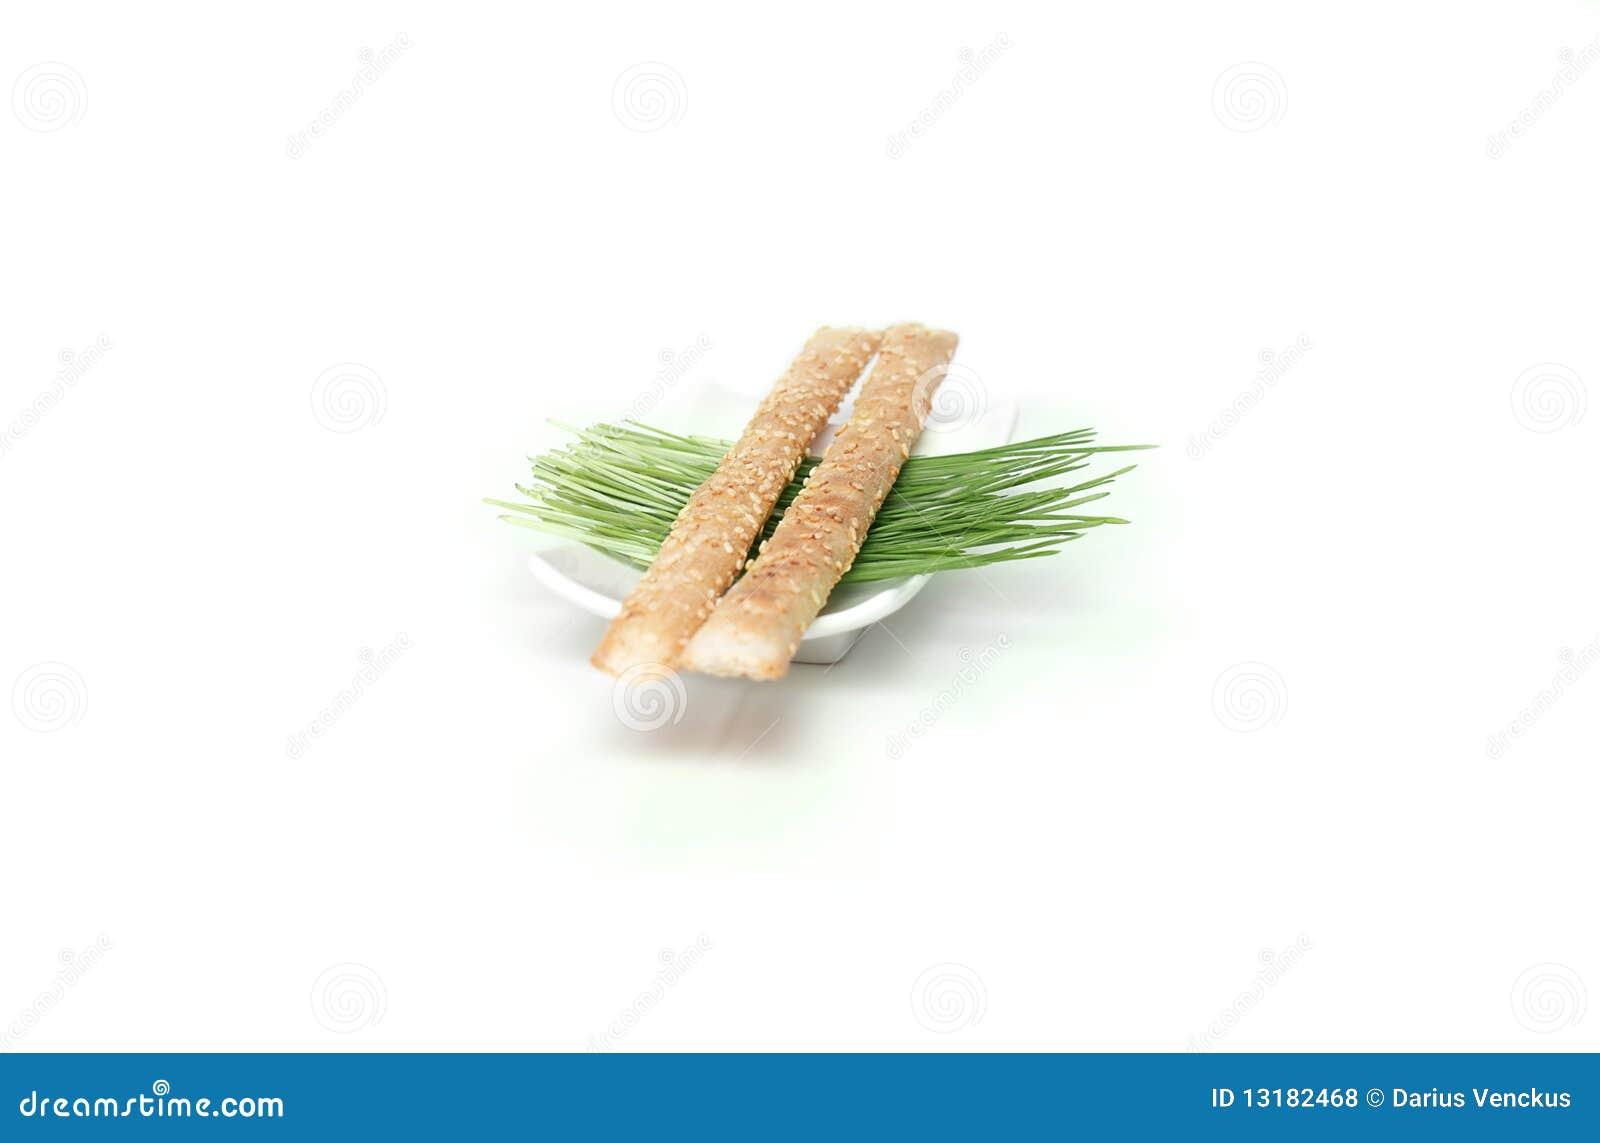 ραβδιά σουσαμιού ψωμιού